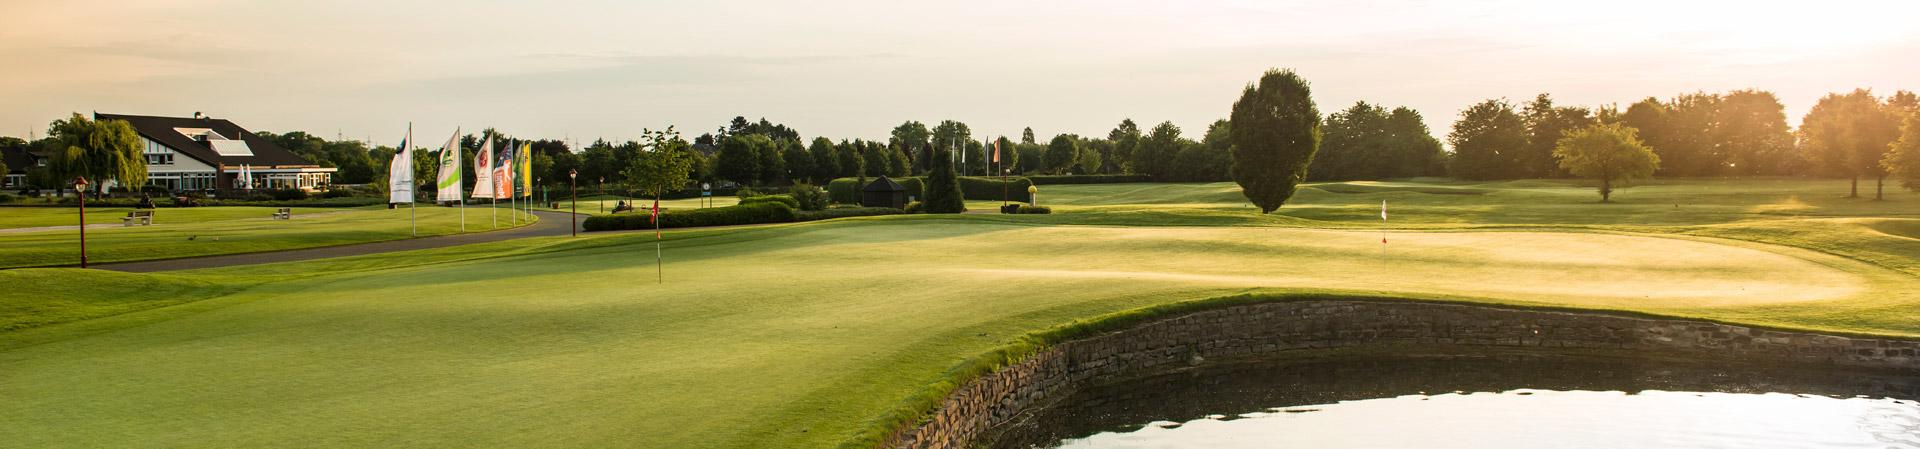 Wiedereröffnung unserer Golfanlage Am Alten Fliess